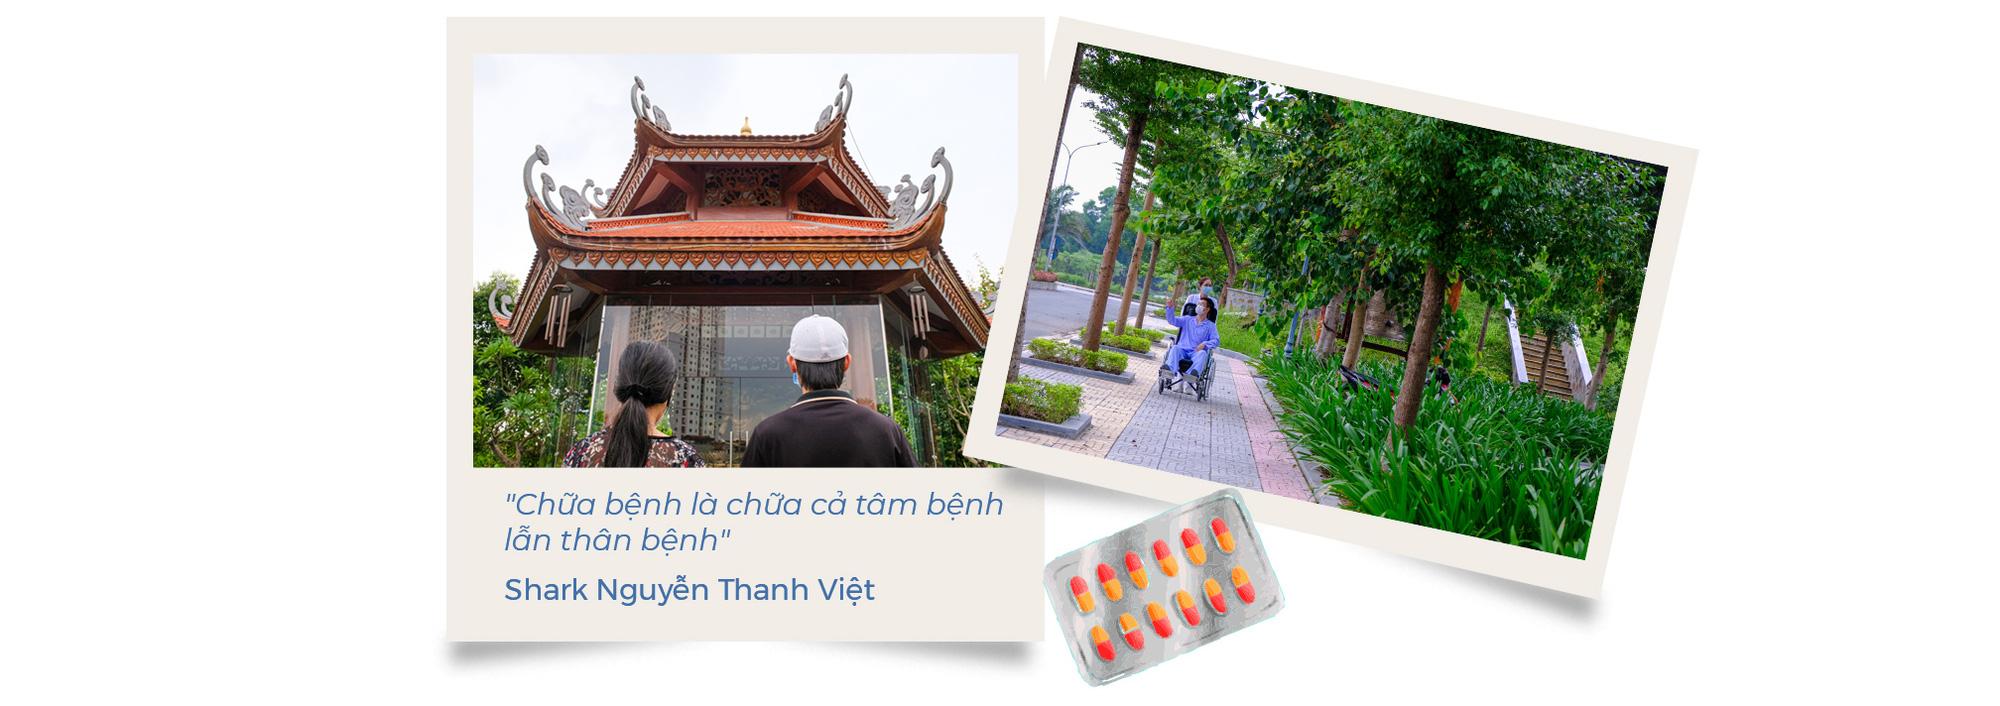 Hơn 2 năm nay, trên một khu đất rộng hơn chục ha ở số 9 Phố Viên, Cổ Nhuế, Hà Nội có một công trình xanh rất bề thế và sang trọng - Ảnh 7.